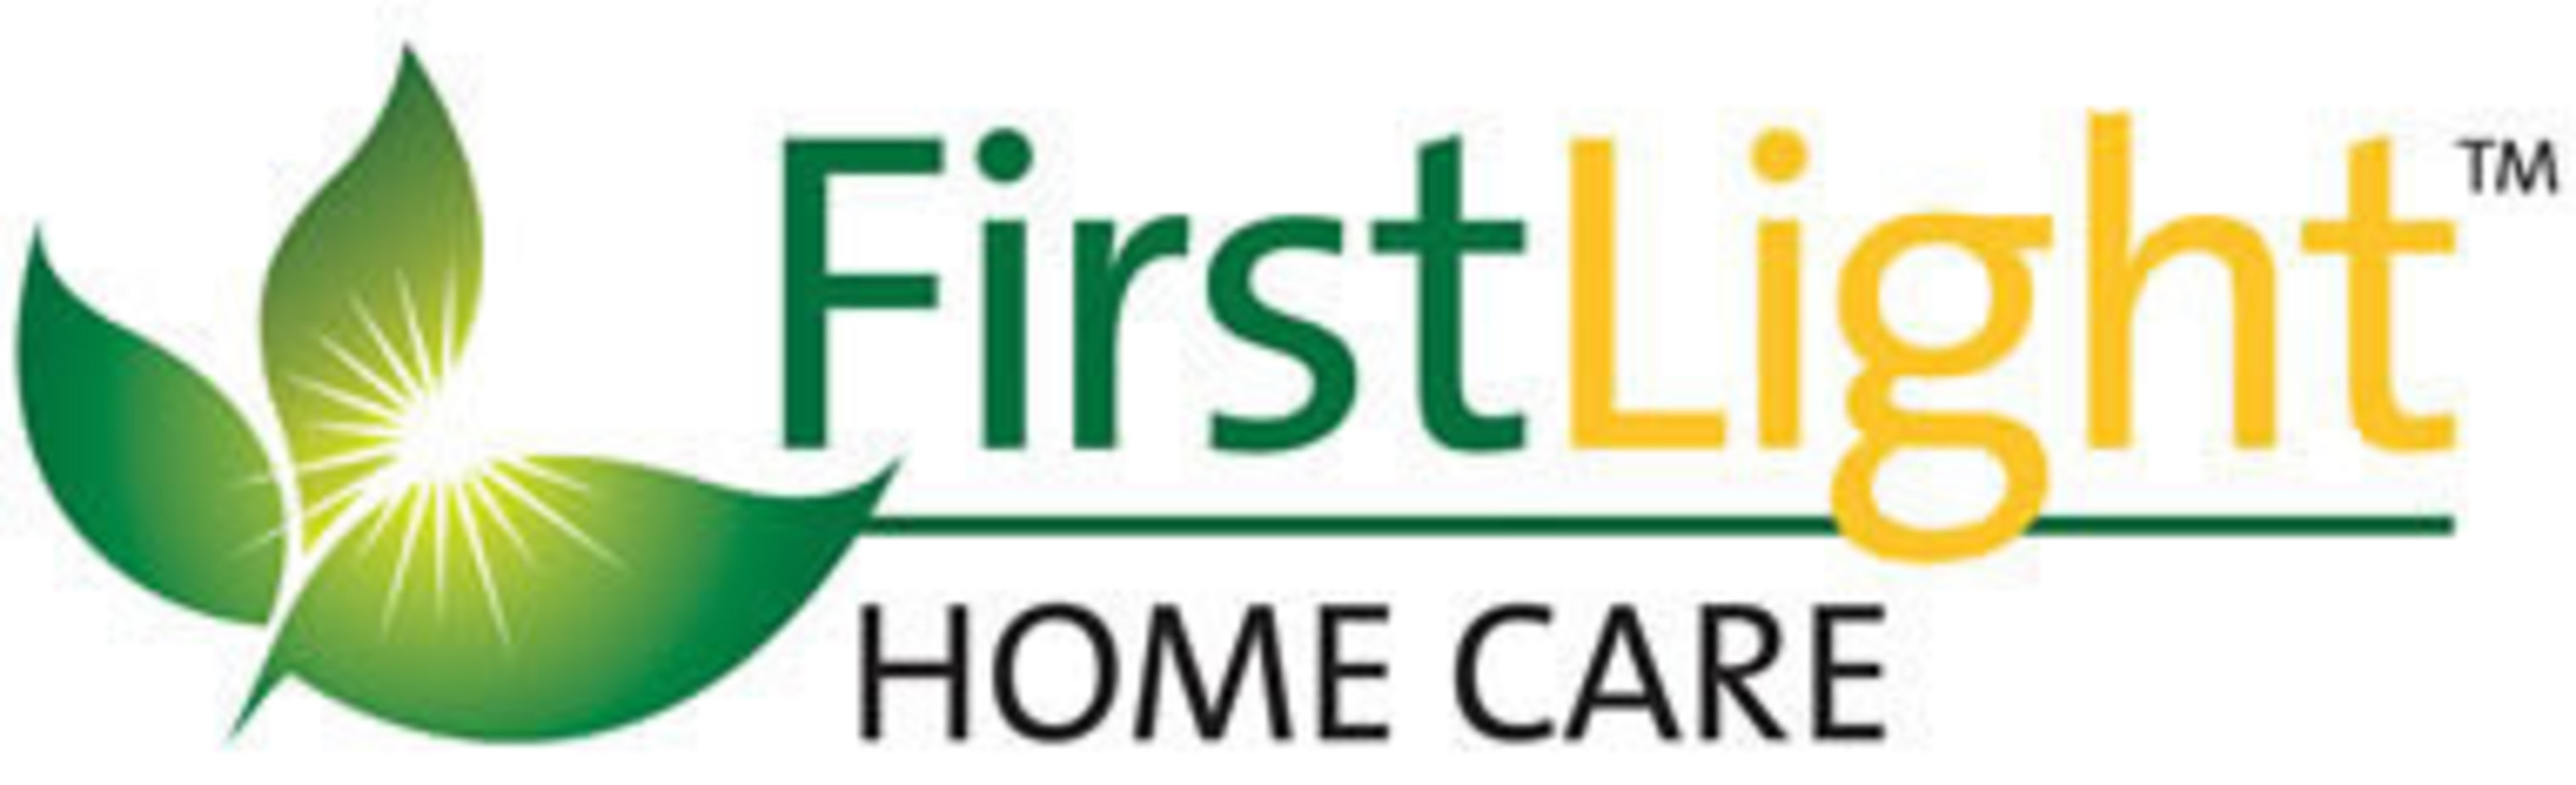 FirstLight HomeCare Named Top Franchise Choice for Veterans